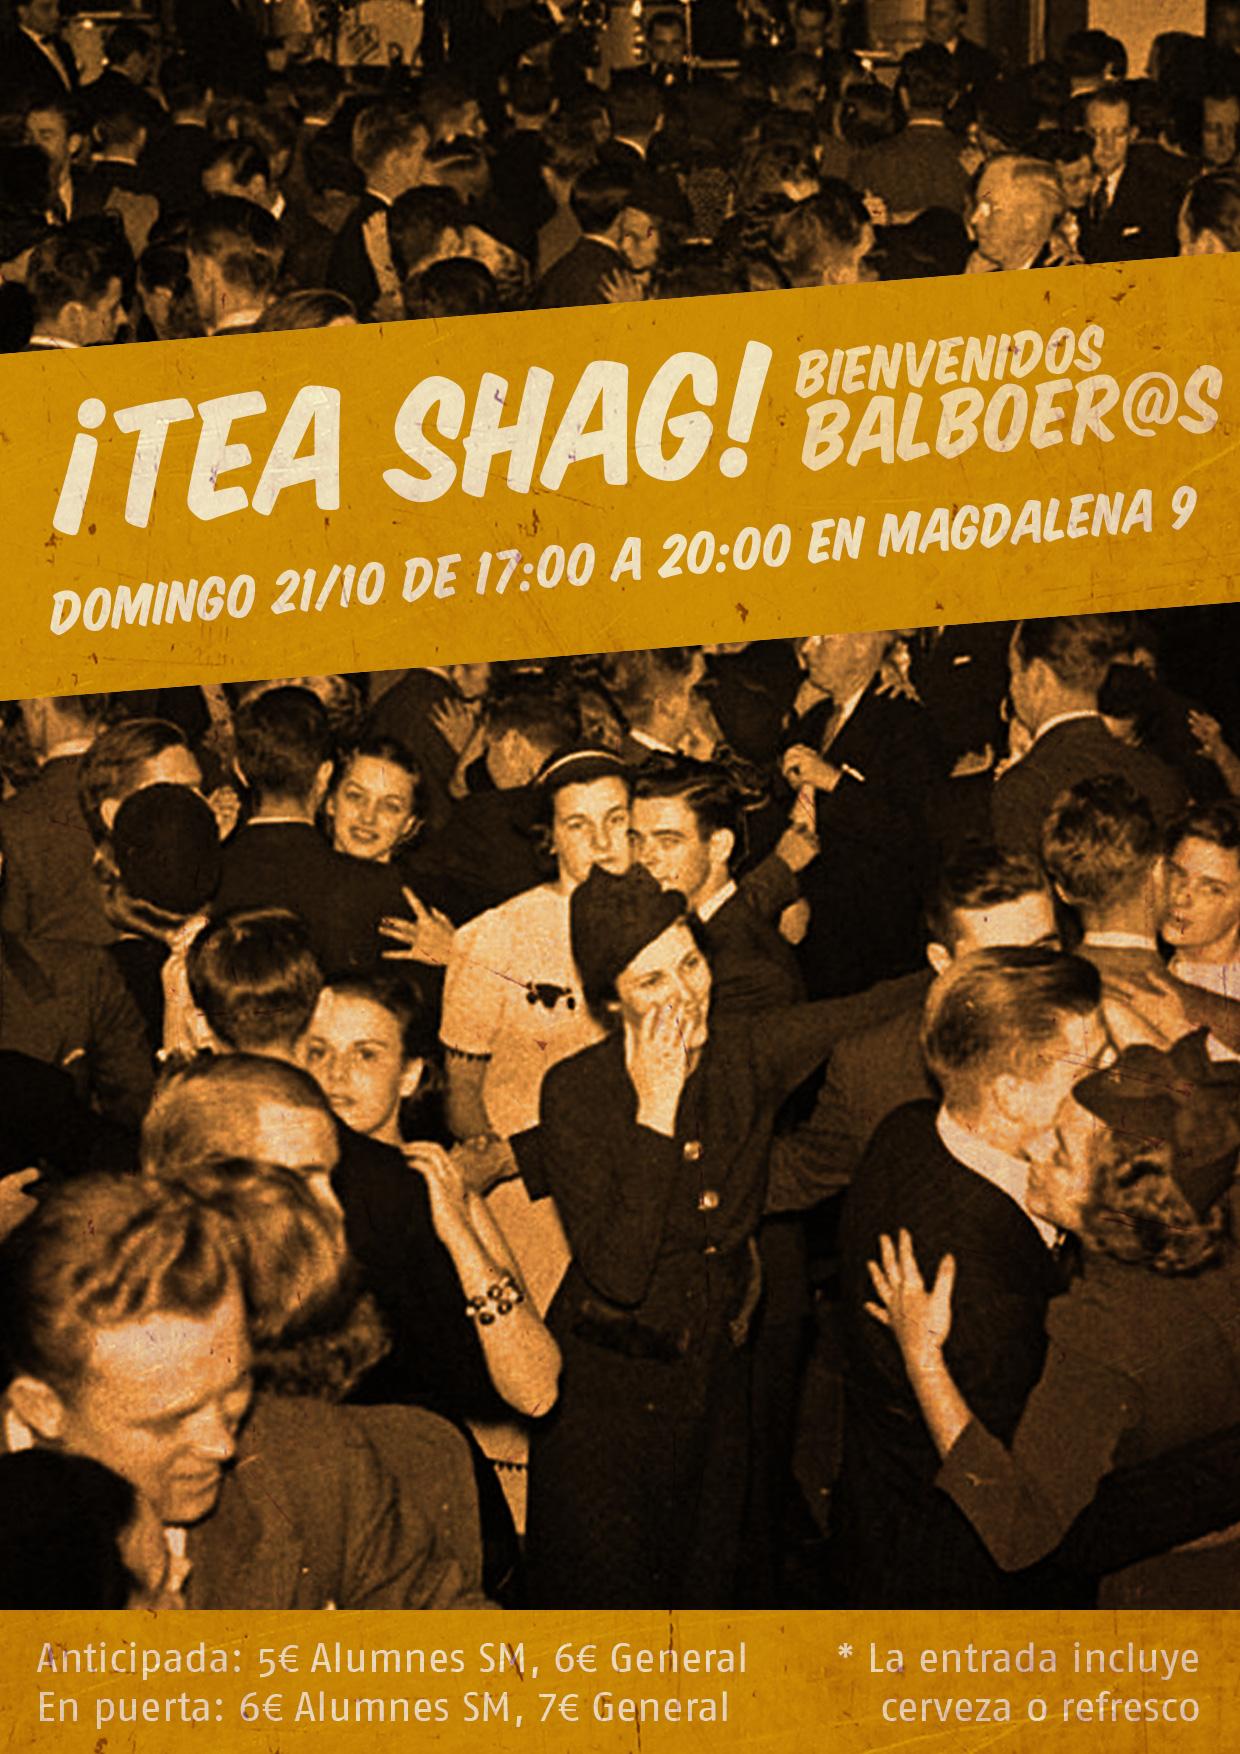 ¡Tea Shag! (bienvenidos balboeros)